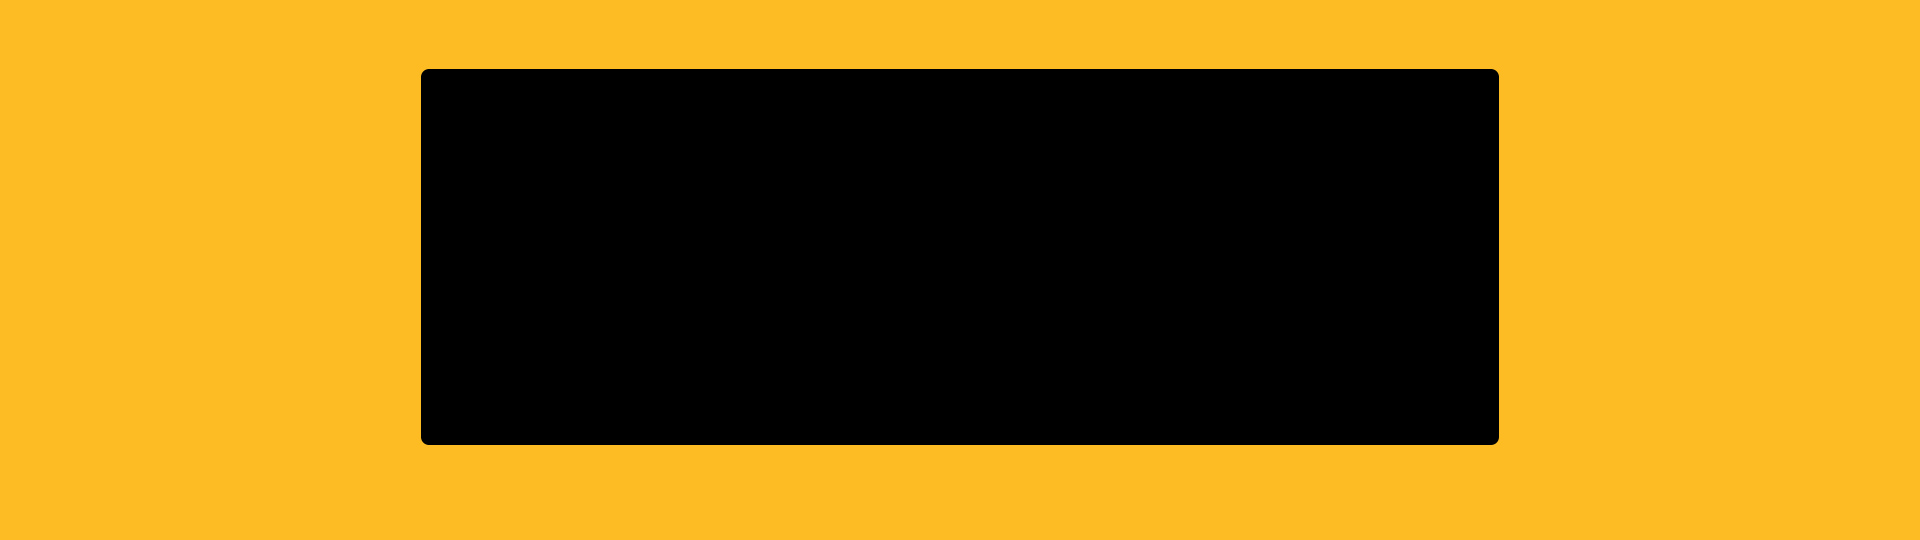 CATEGORY-MBLYA-ENTRENDAYDINLATMA35-09-08